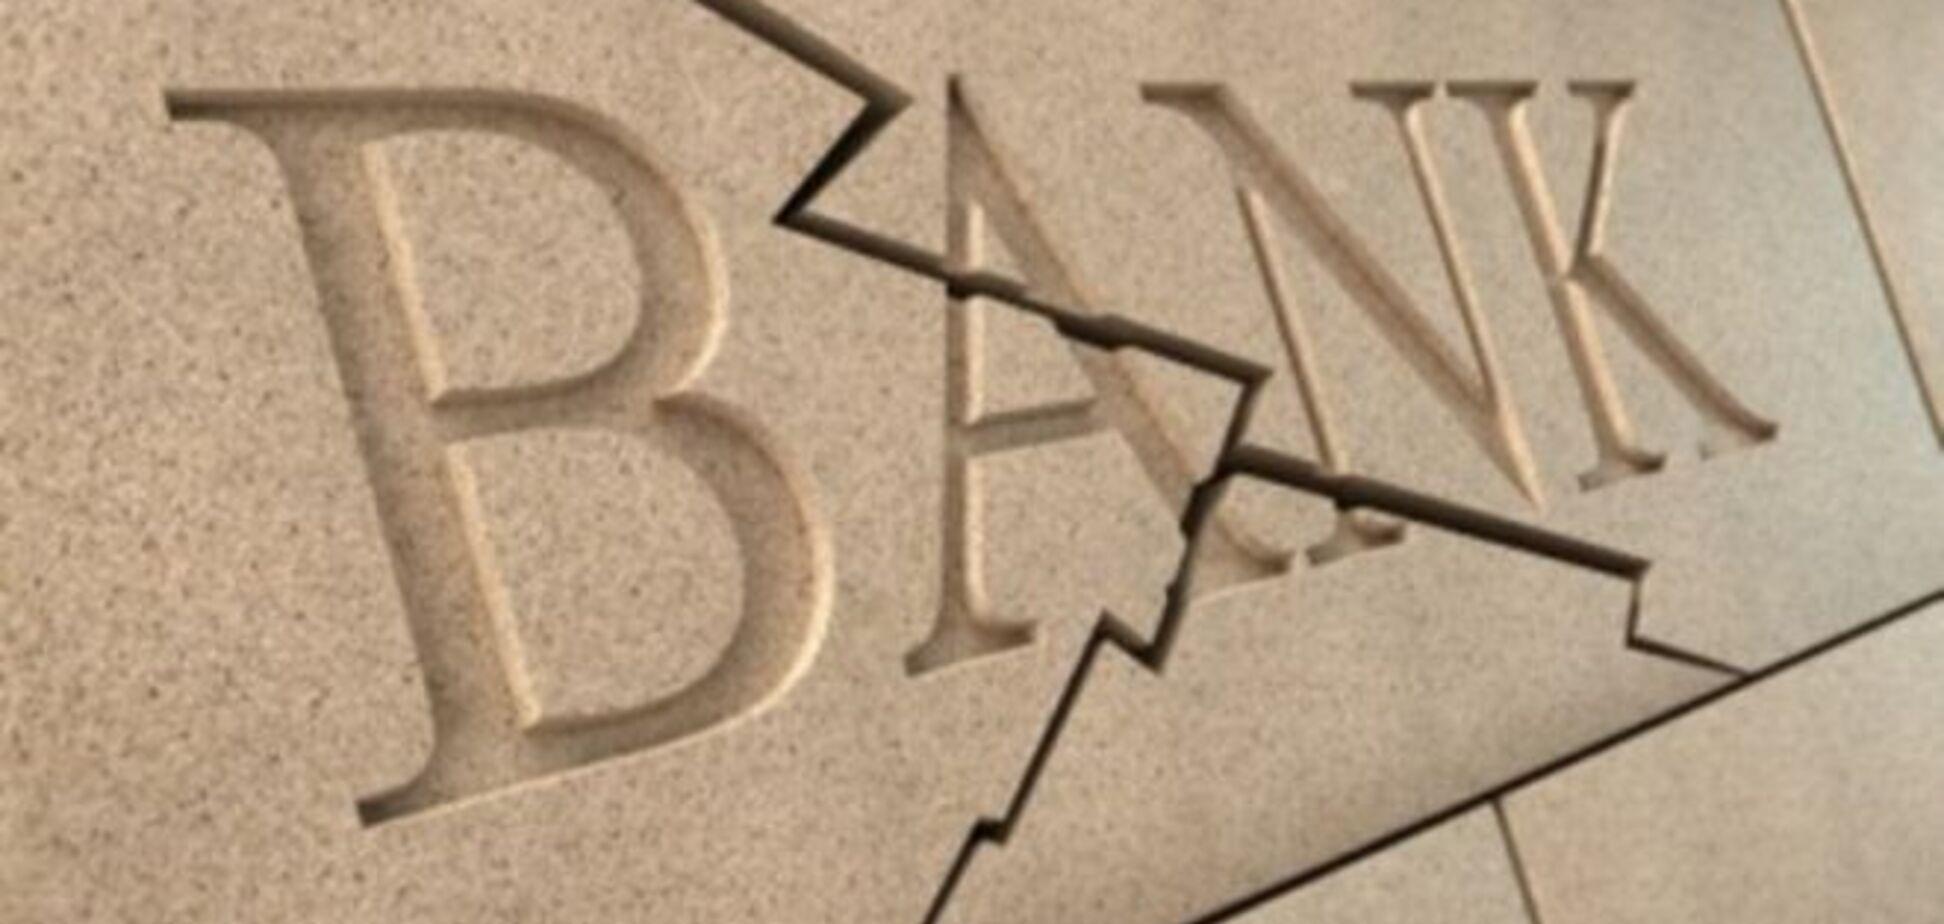 Гонтаревої запропонували ліквідувати черговий великий банк